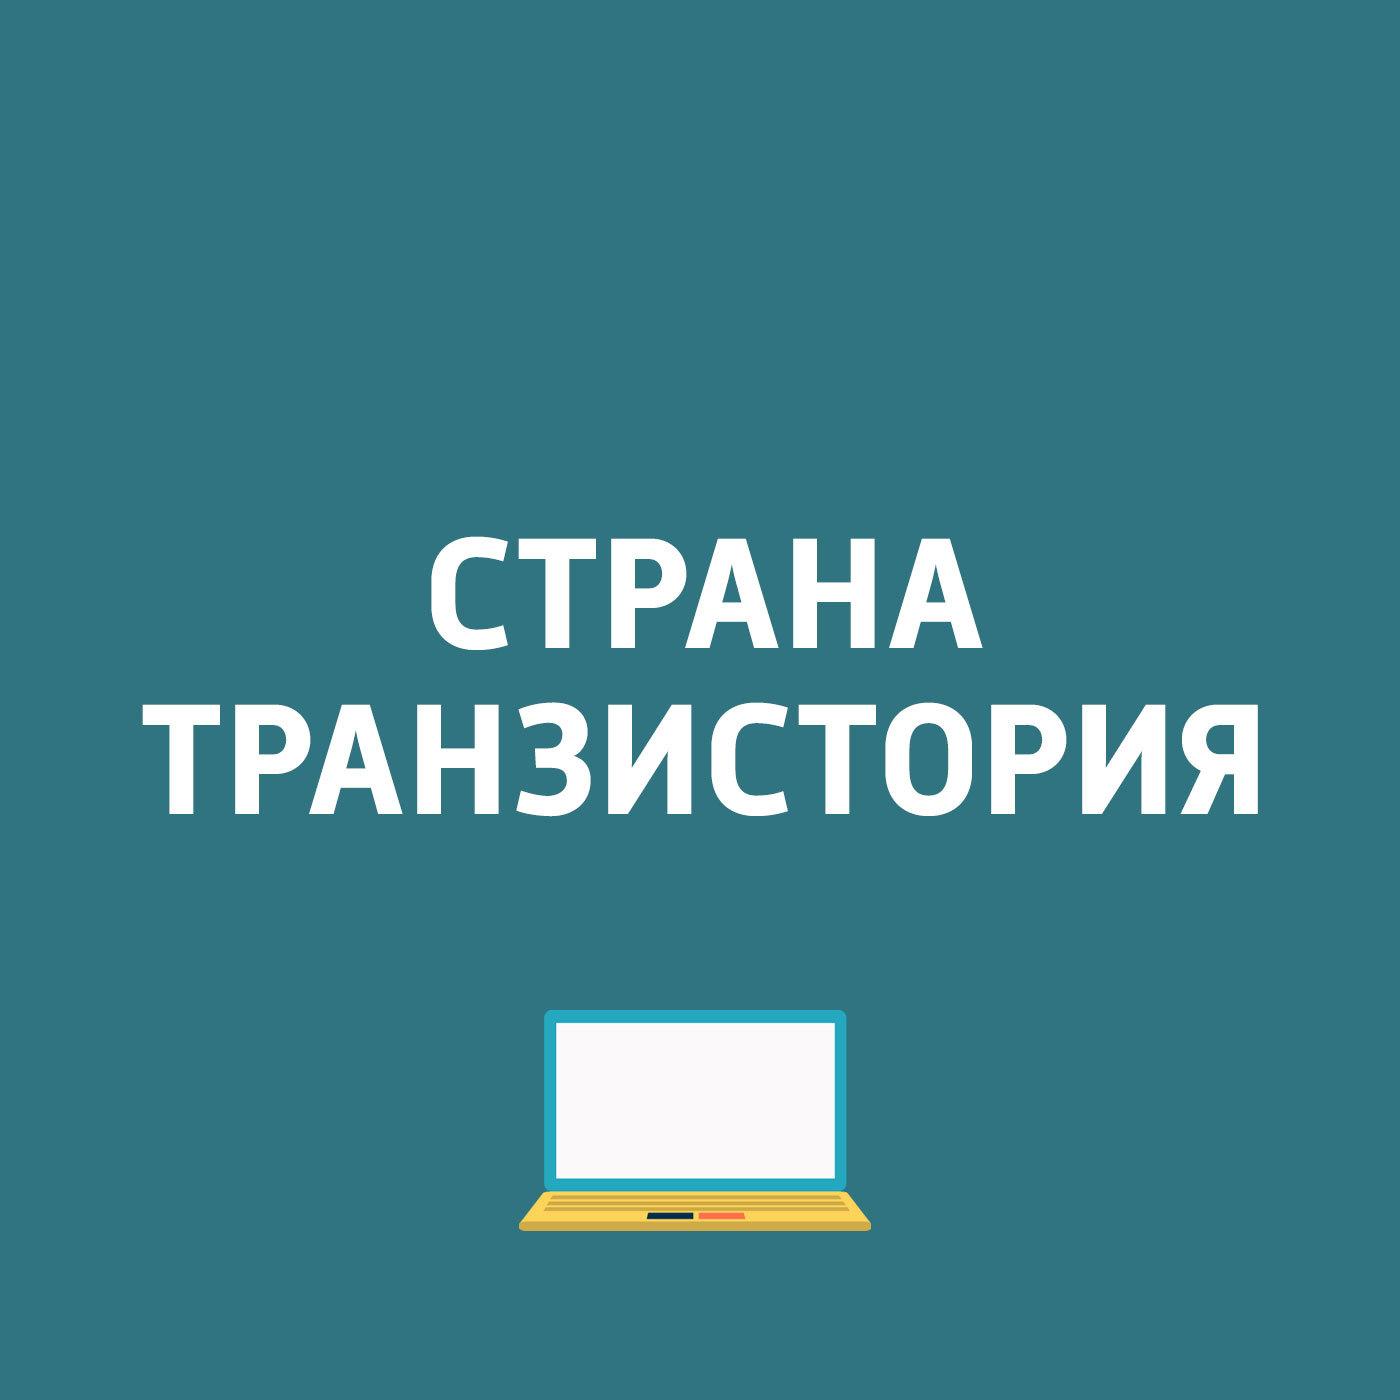 Картаев Павел Новое обновление для IPhone убило аккумуляторы... картаев павел hmd global выпустила смартфон nokia 8 eset обнаружила вирус для устройств на андроиде